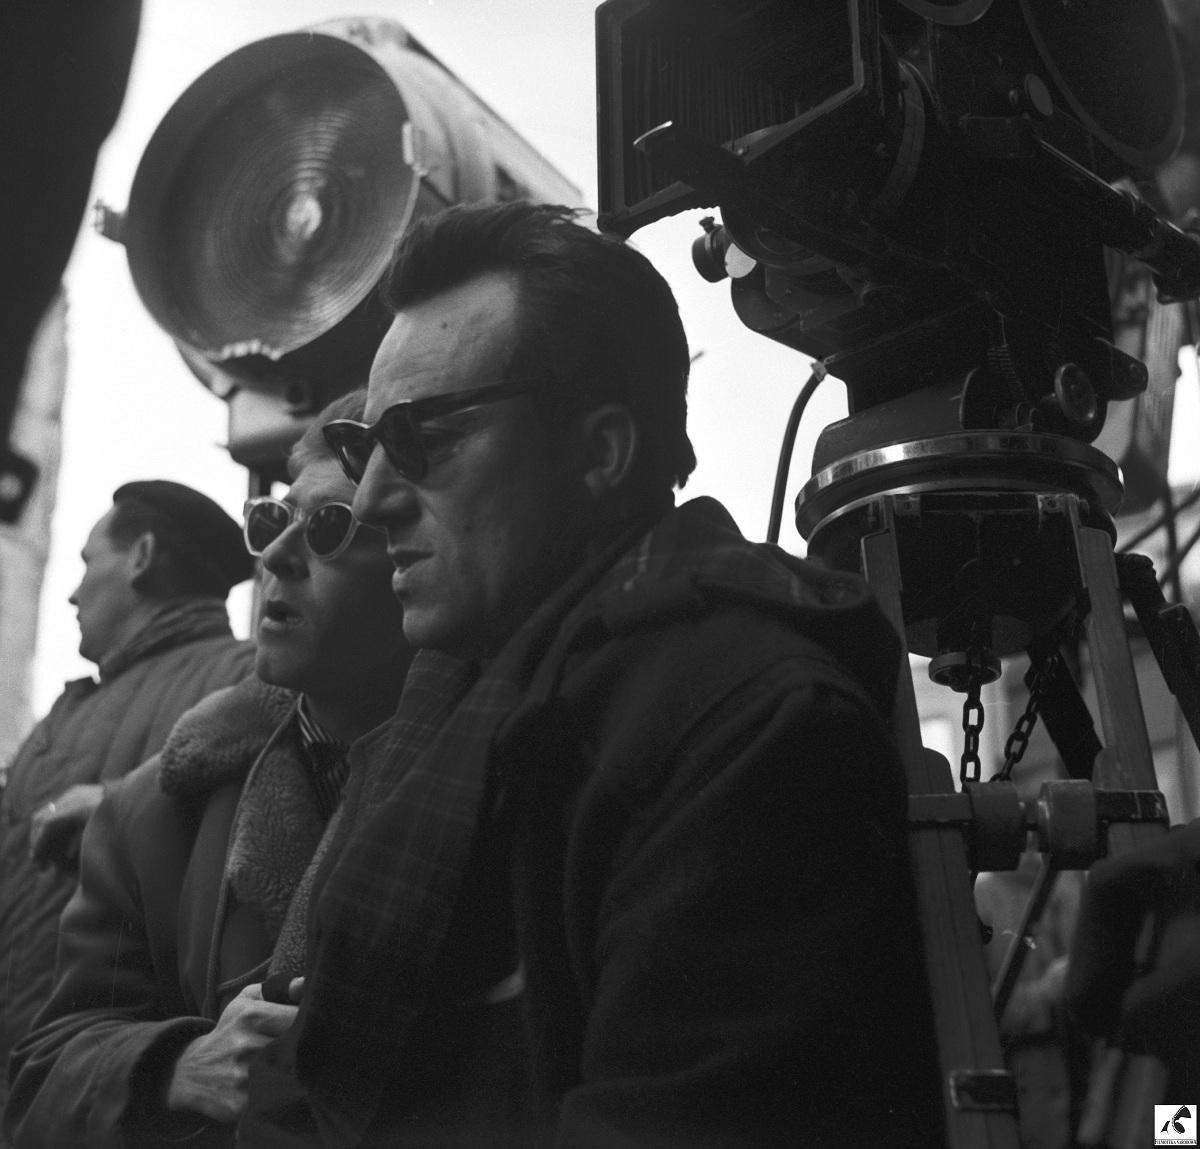 Andrzej Munk, fot. Studio Filmowe Oko, materiał udostępniony przez organizator